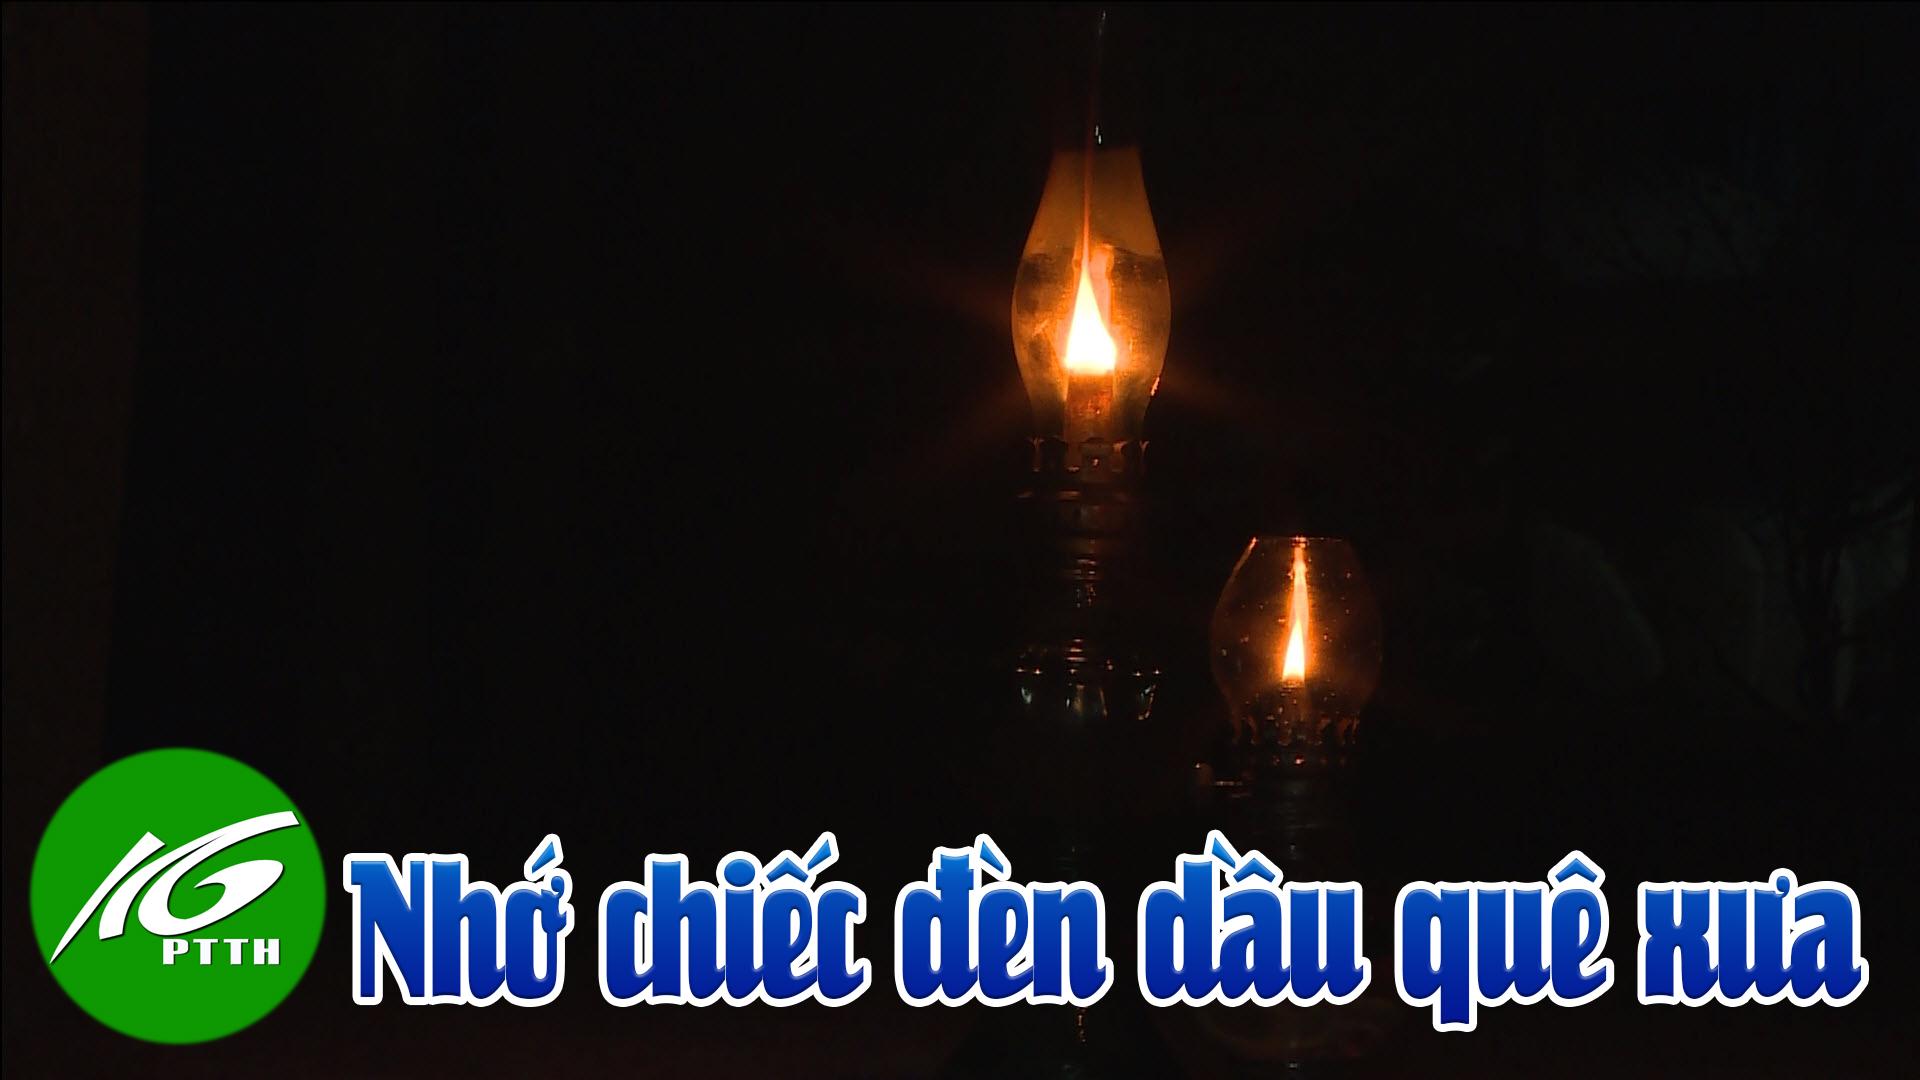 Nhớ chiếc đèn dầu quê xưa